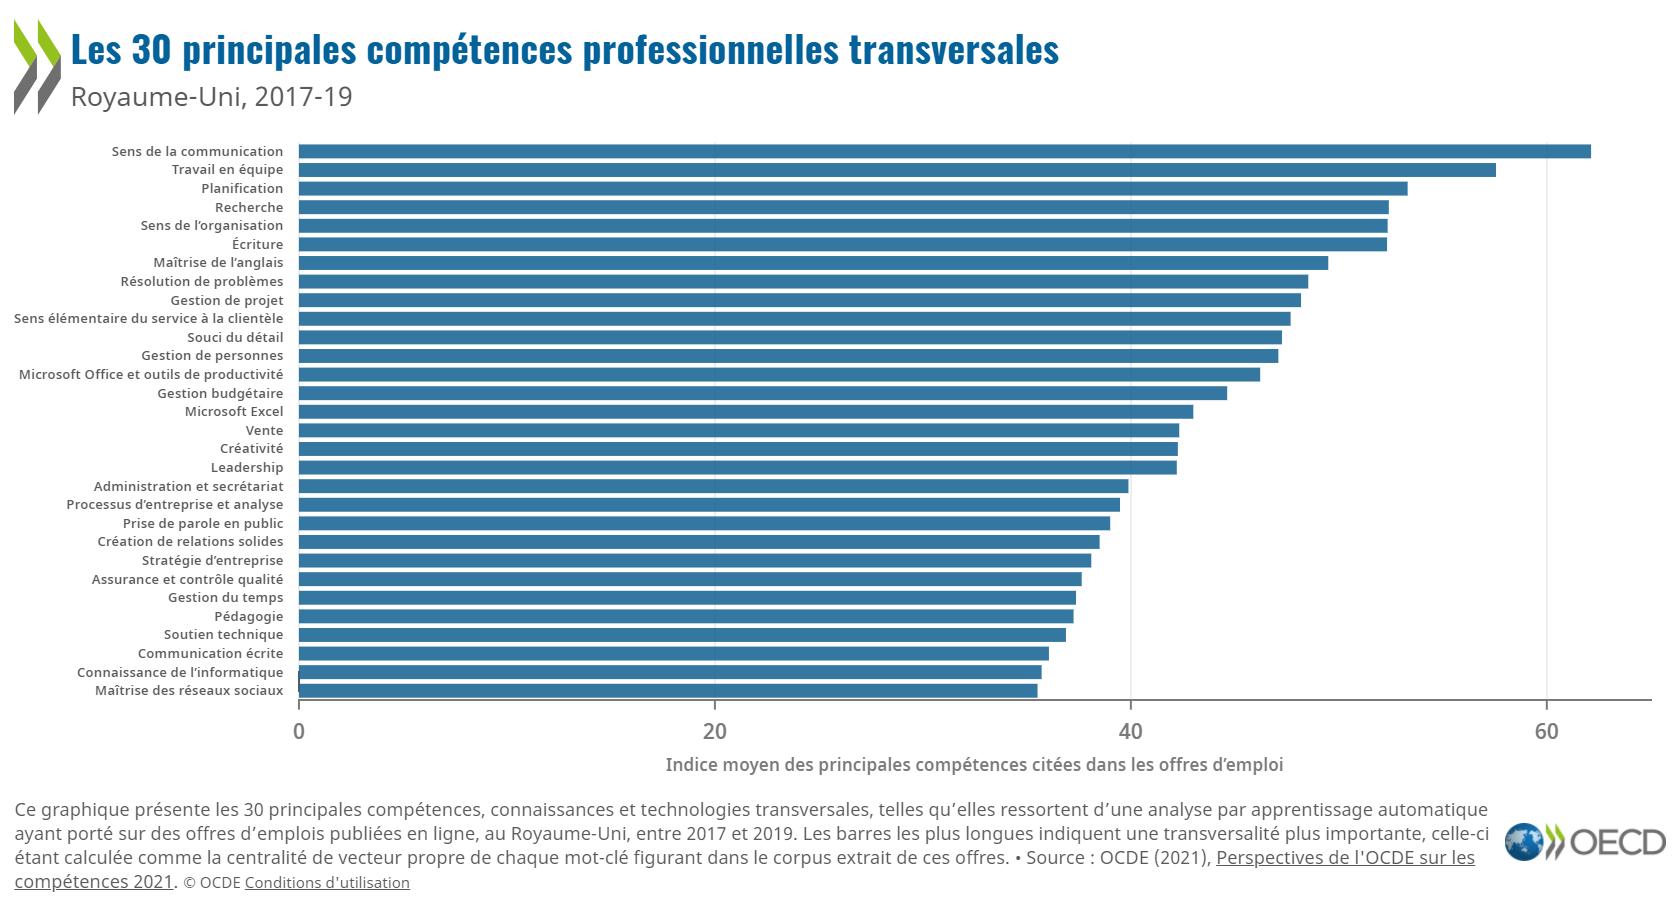 Les compétences numériques sont nécessaires dans une multitude d'emplois